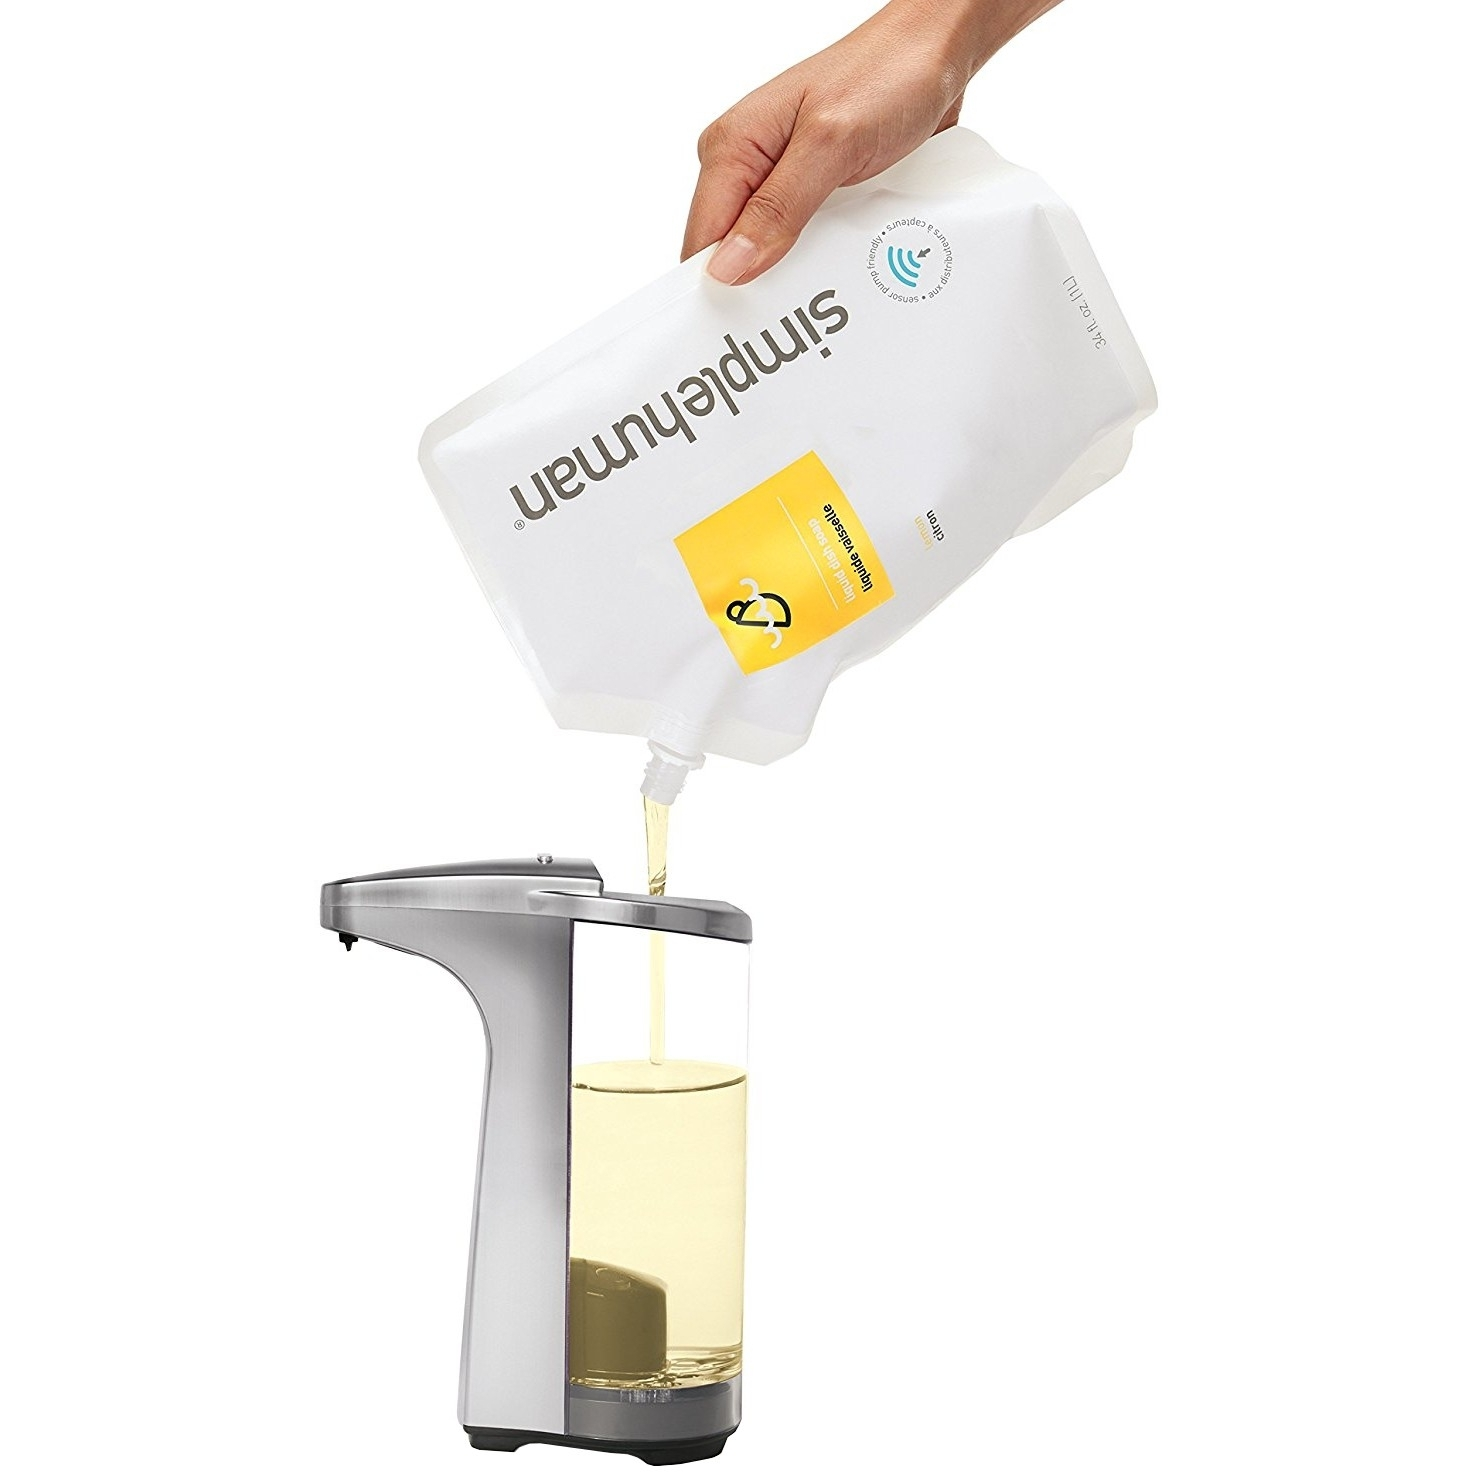 Łatwe uzupełnianie detergentu